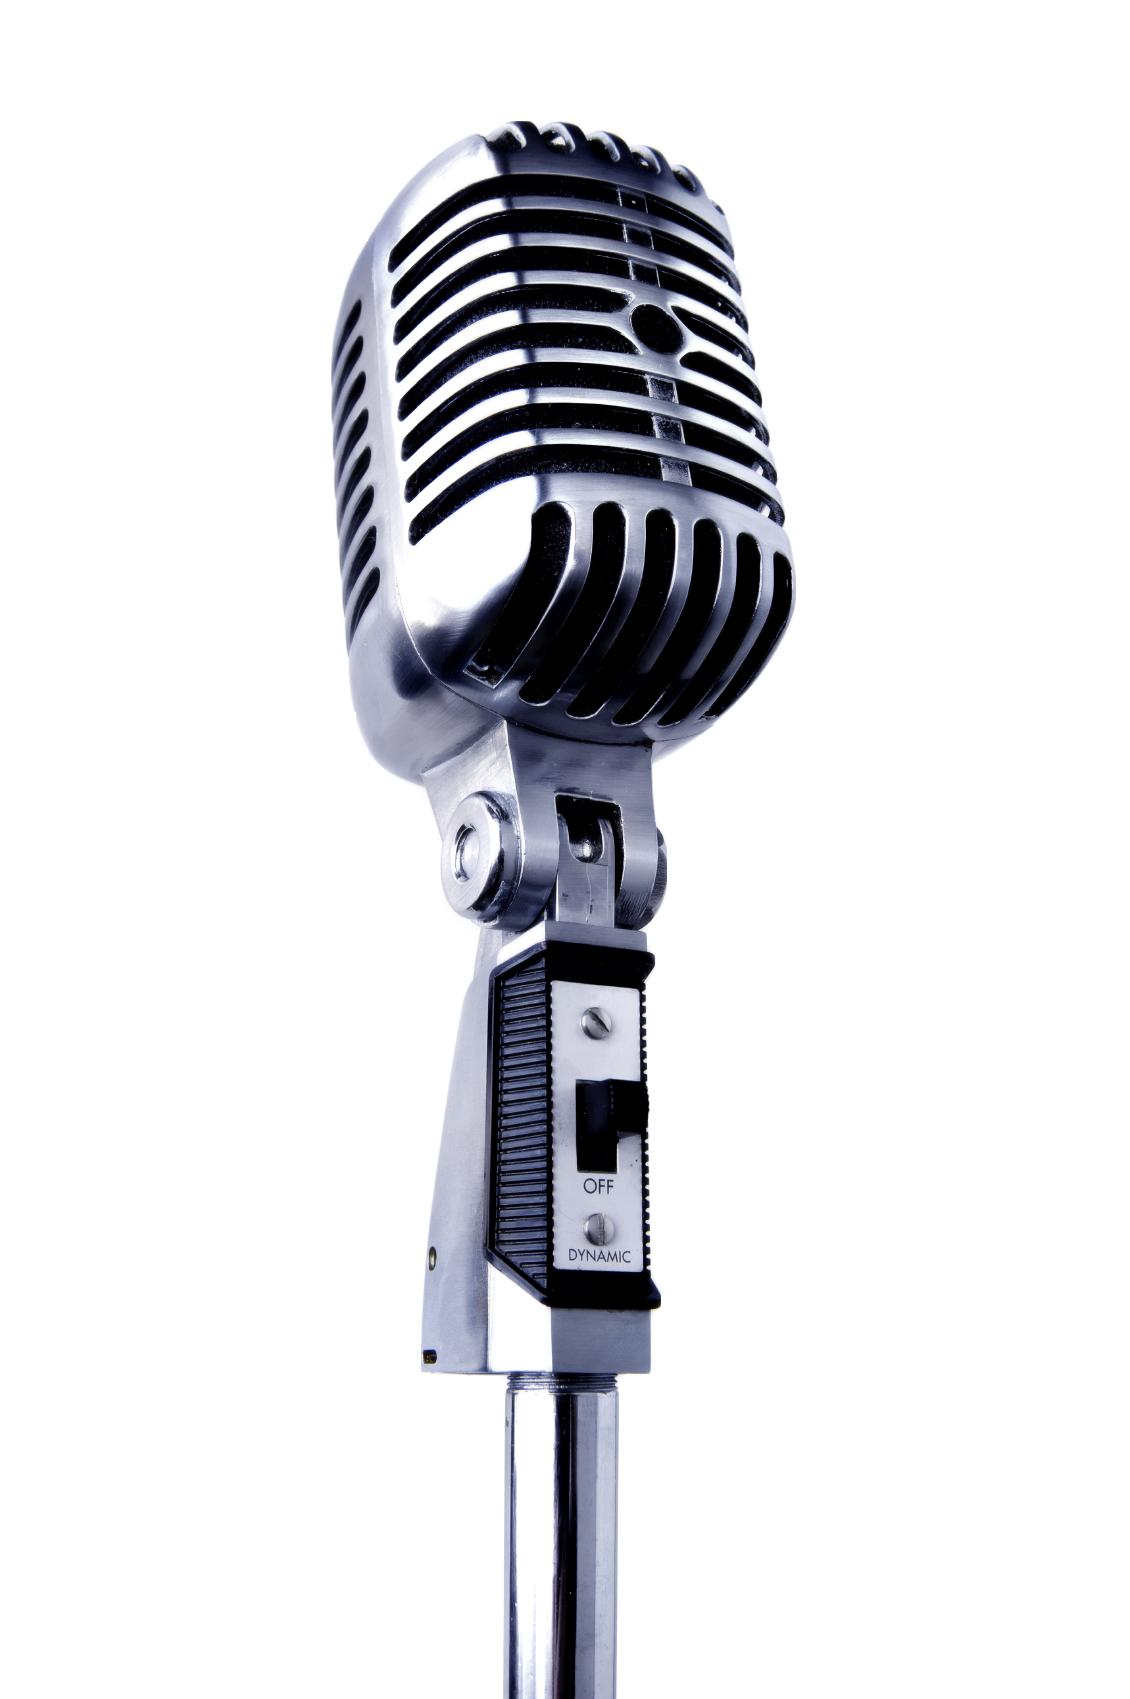 microphone png transparent image. Black Bedroom Furniture Sets. Home Design Ideas